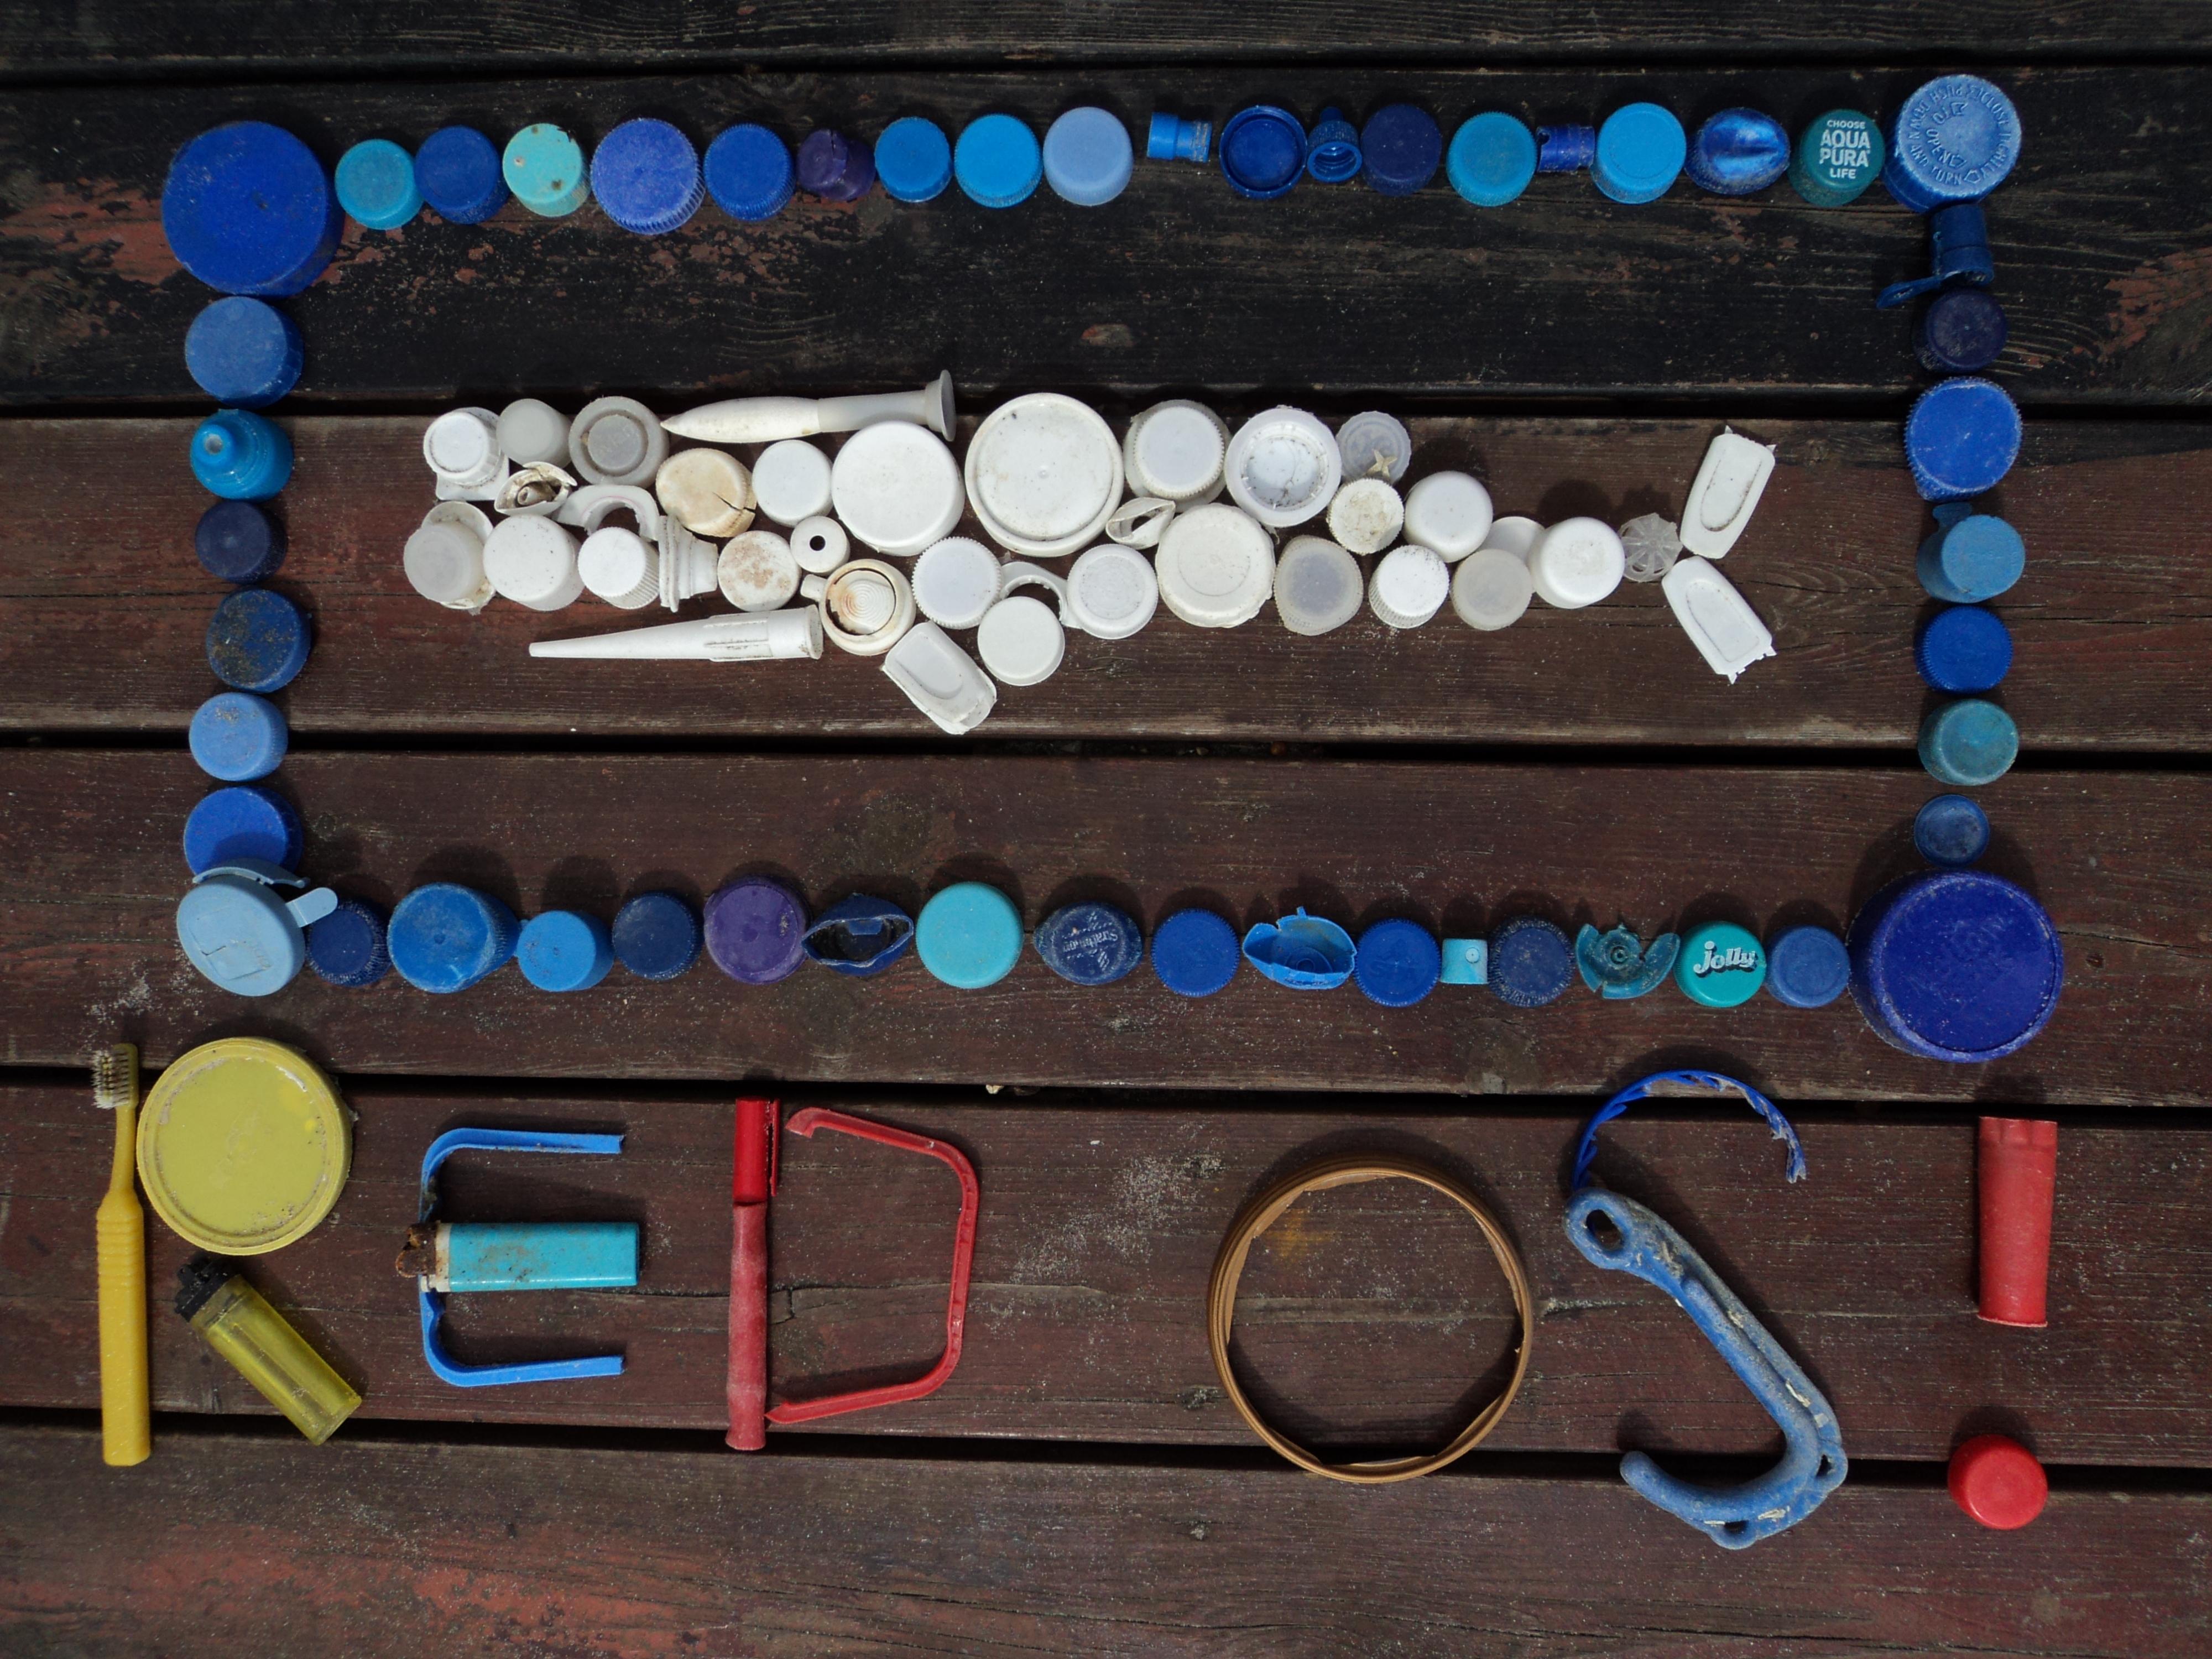 Plastikforurening - Caroline Bloch